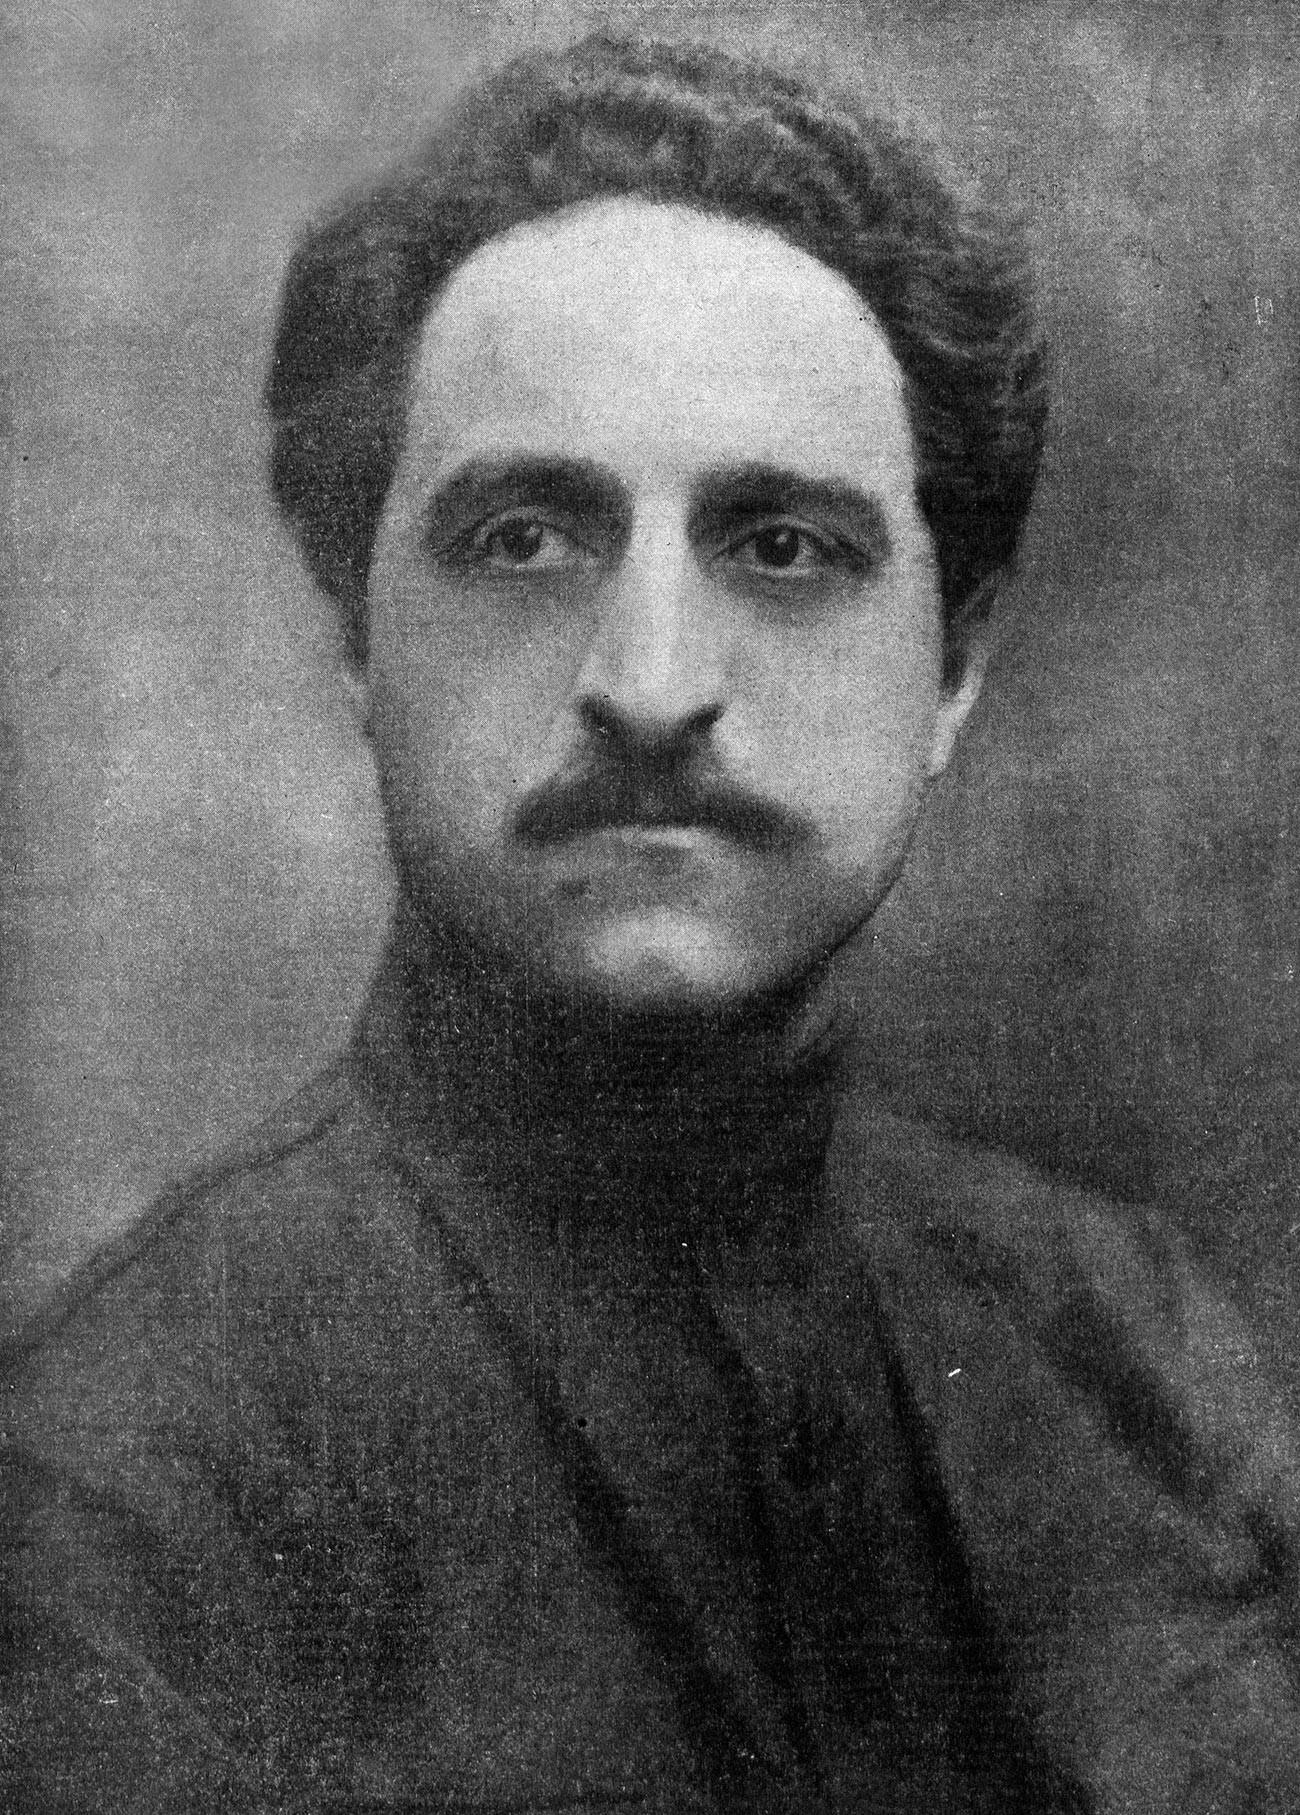 Sergo Ordžonikidze (1886-1937)